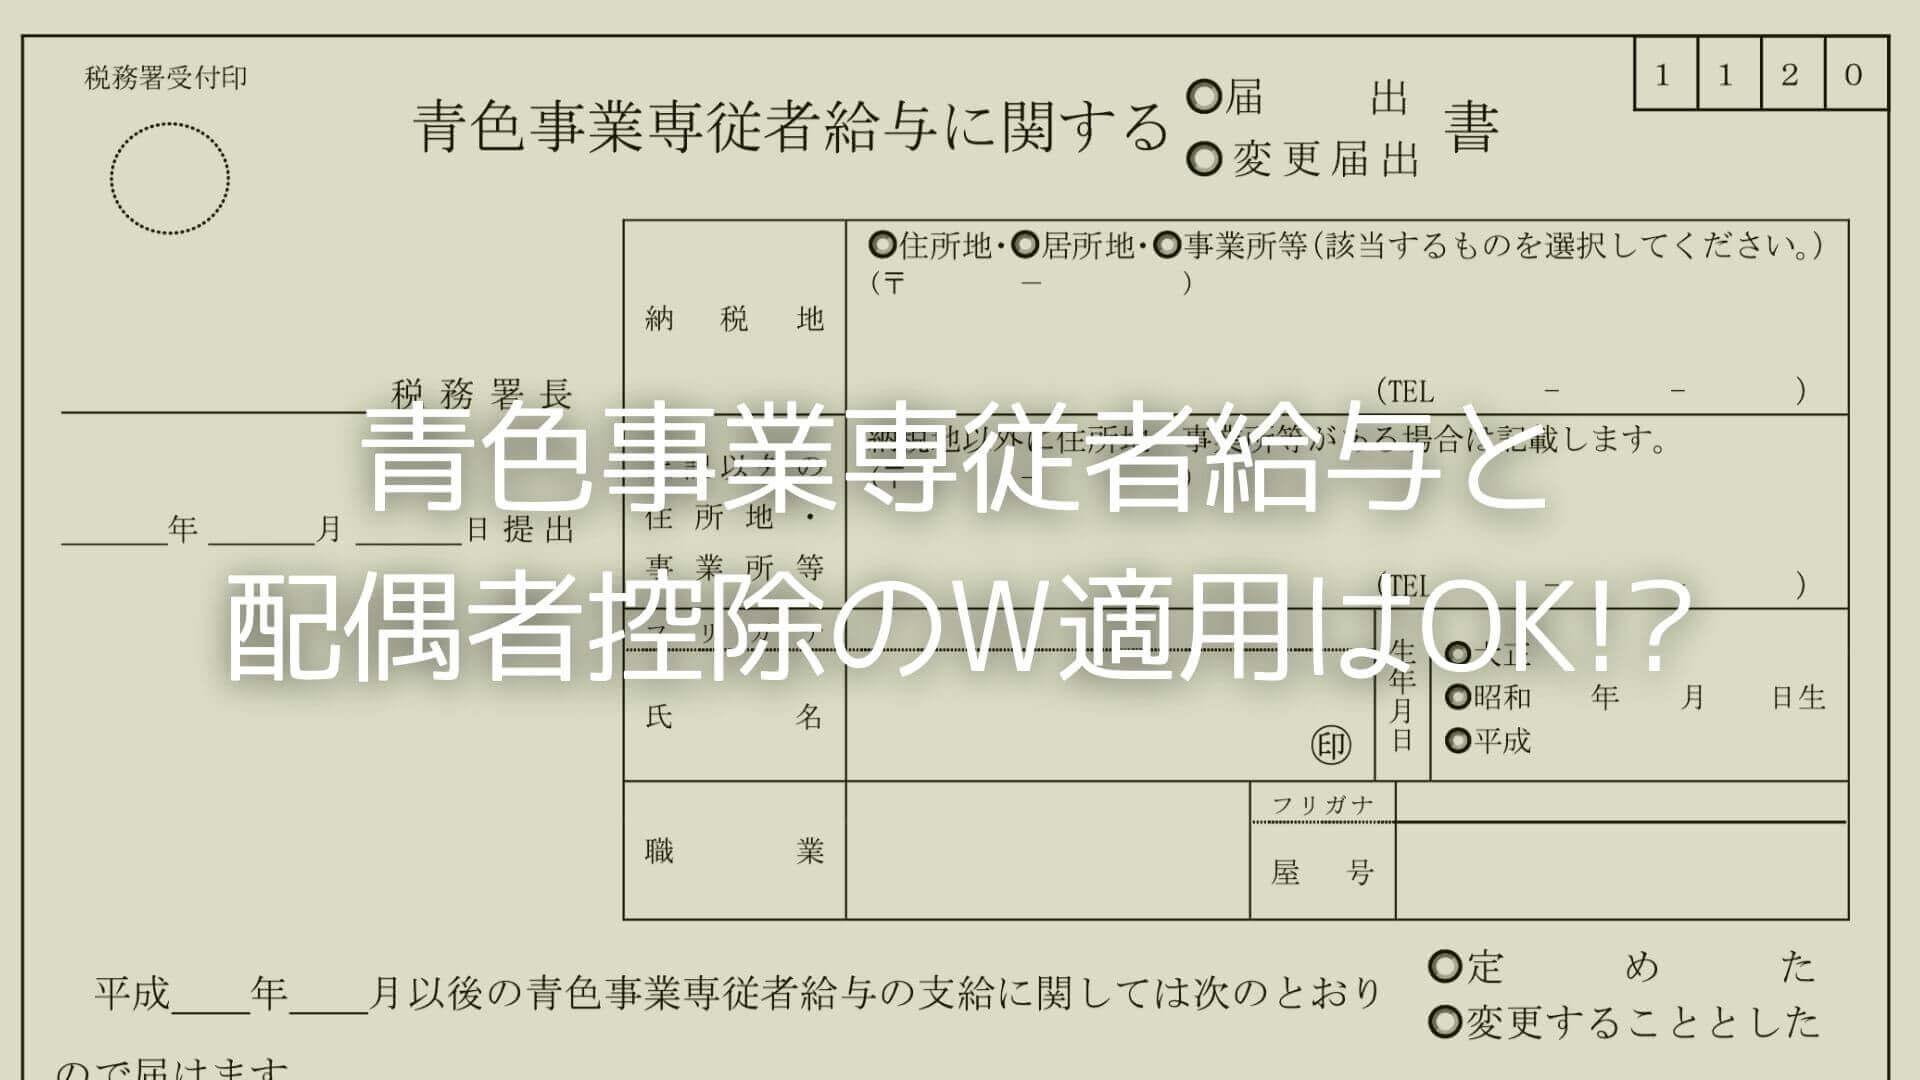 青色事業専従者給与と配偶者控除の重複適用はOK!?